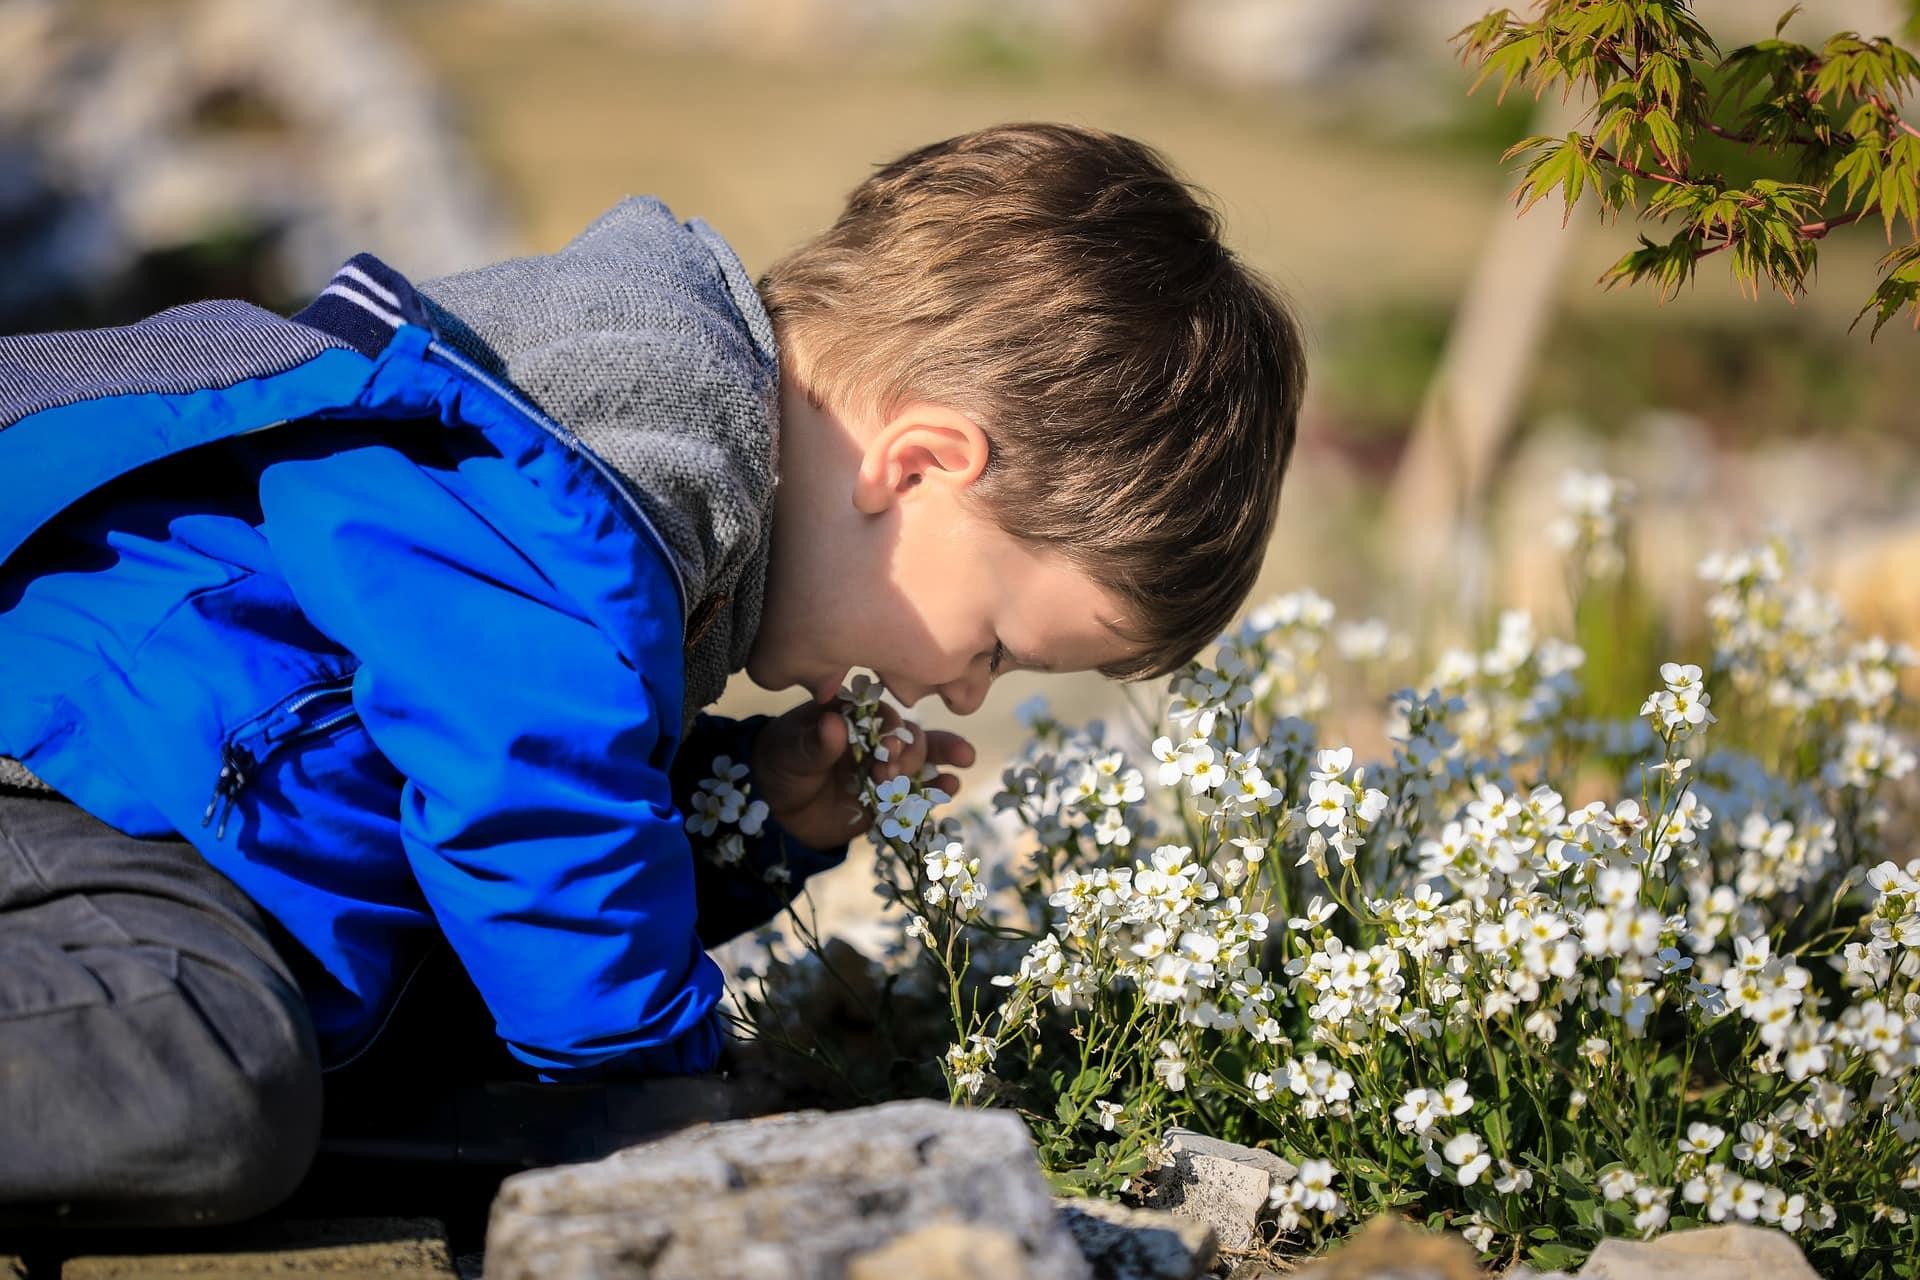 Macht euch schmutzig! Junge Blumen Naturworkshops // HIMBEER